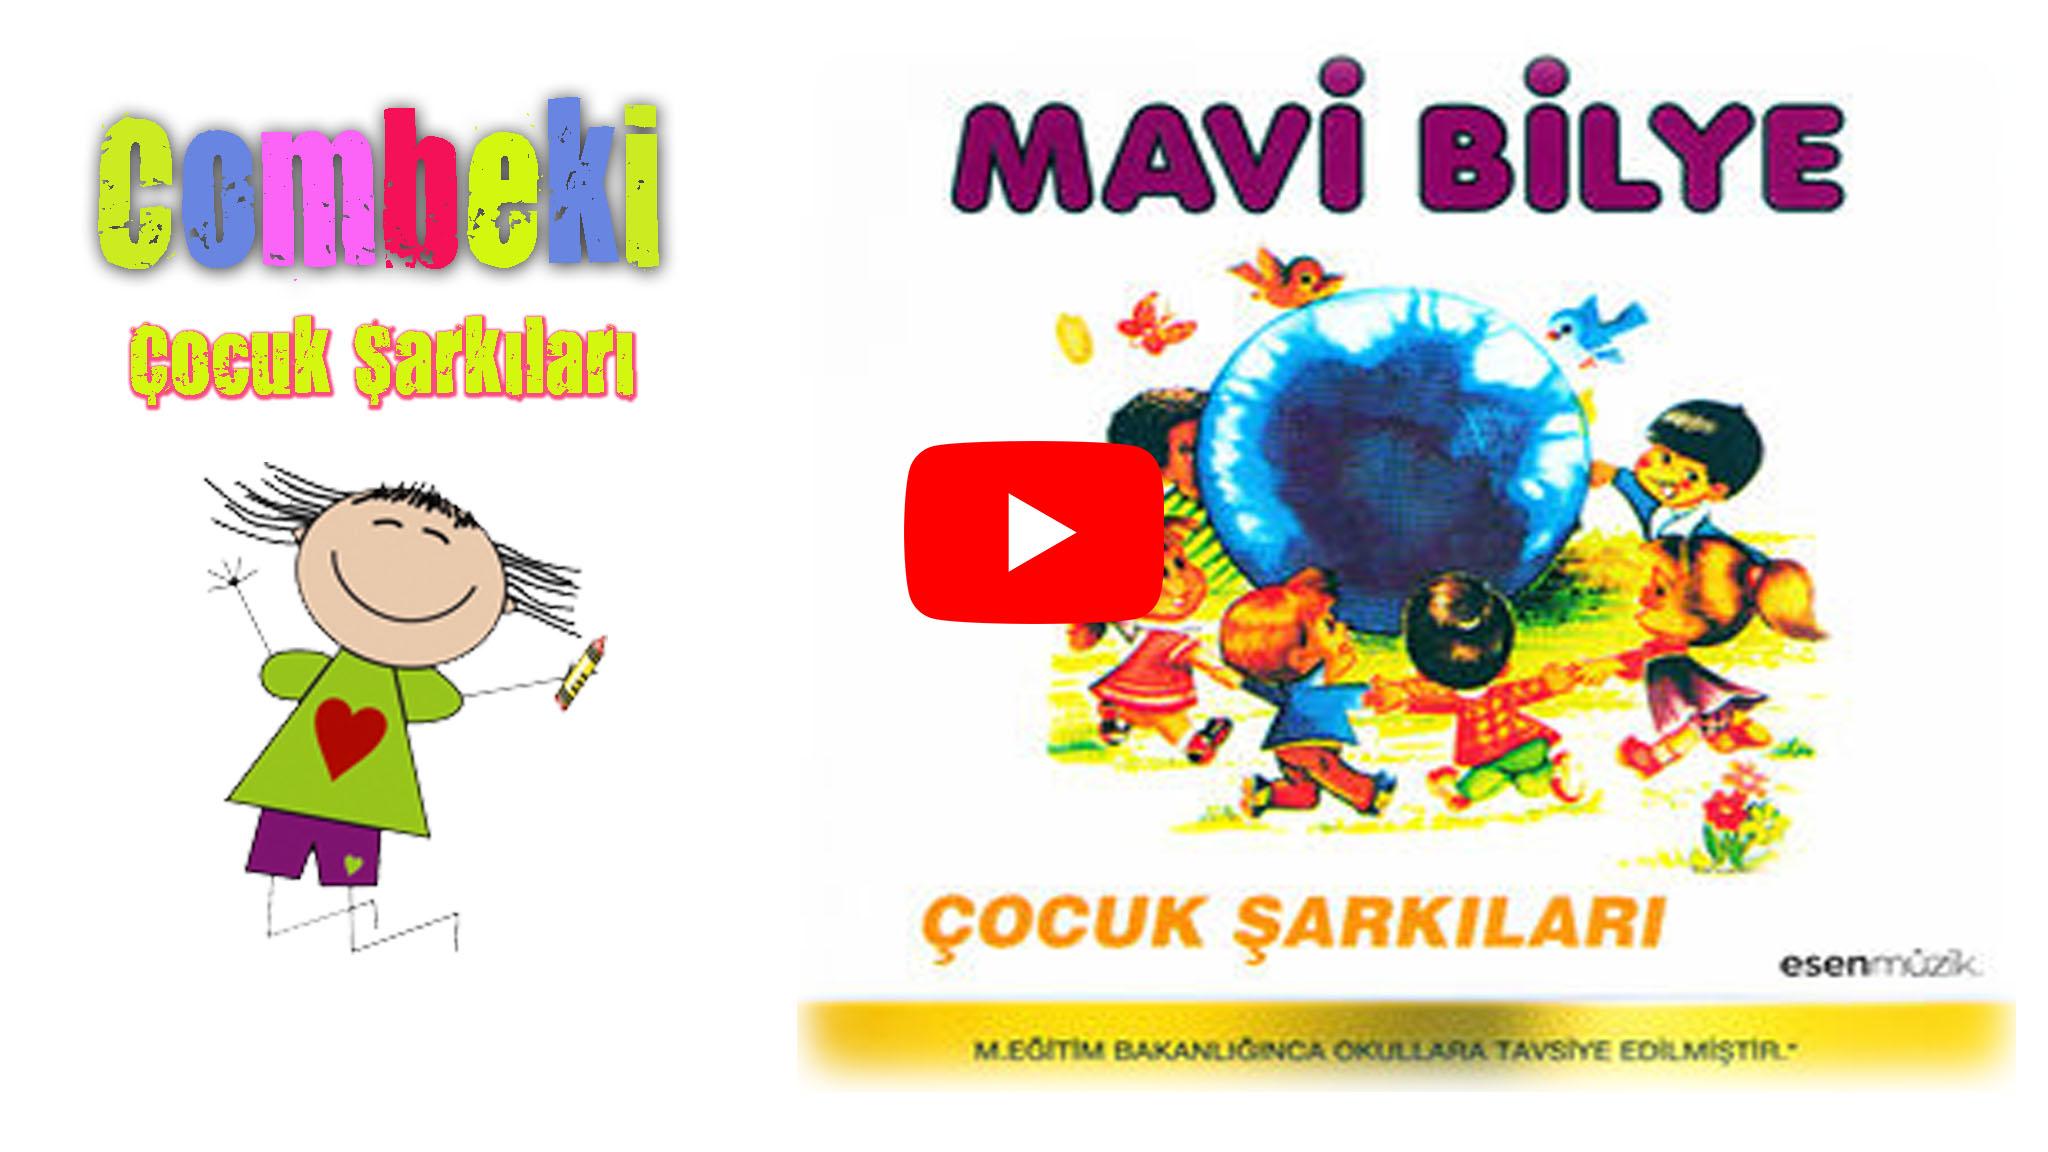 Mavi Bilye - Çoçuk Şarkıları - 2009